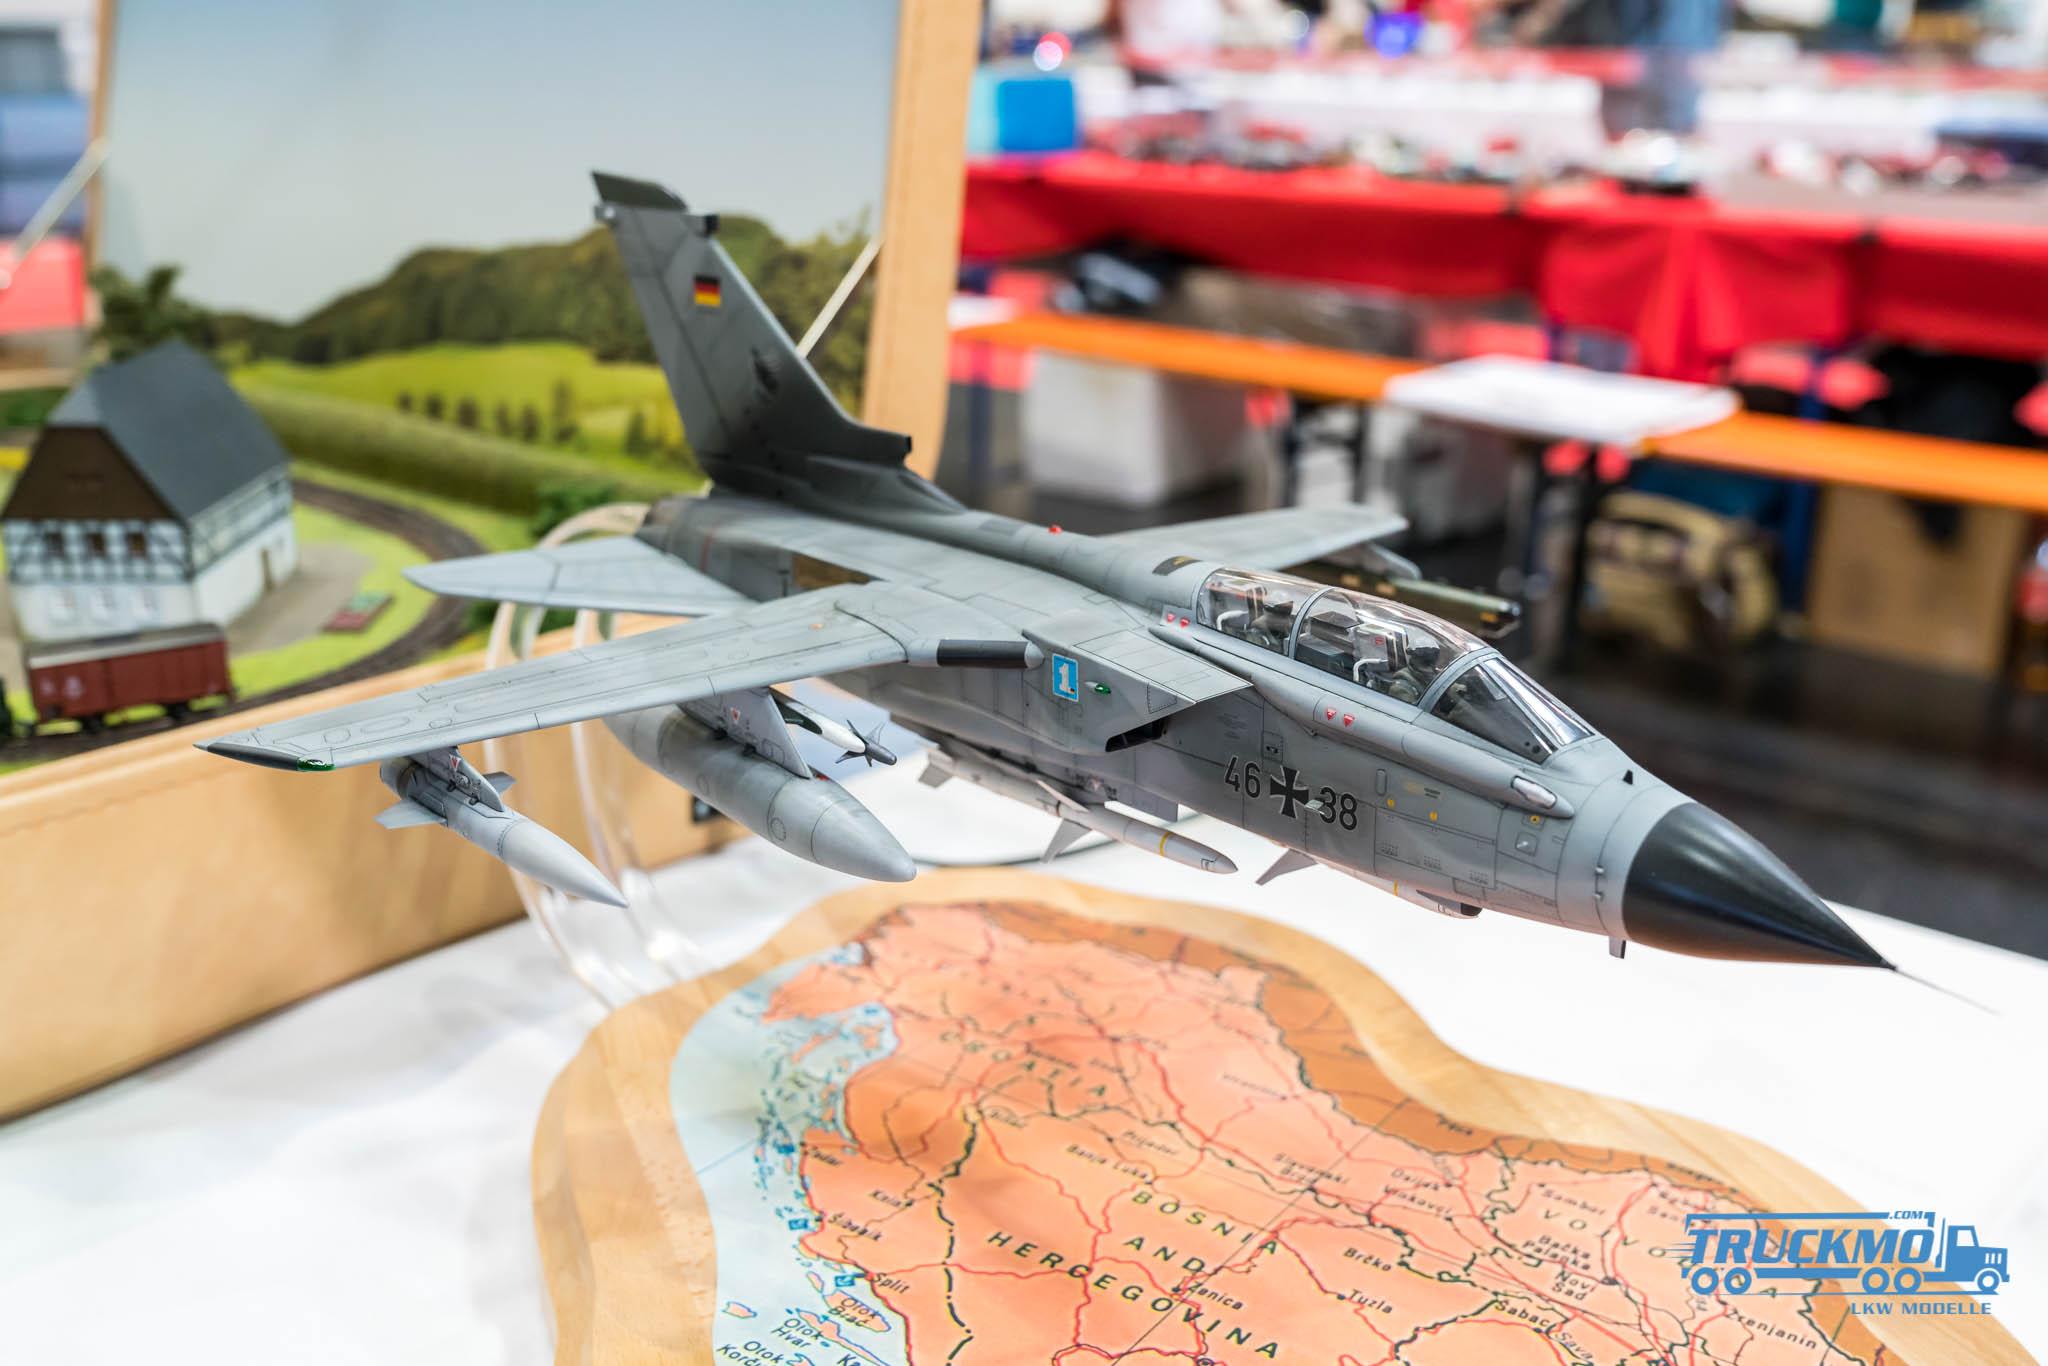 Truckmo_Modellbau_Ried_2017_Herpa_Messe_Modellbauausstellung (488 von 1177)